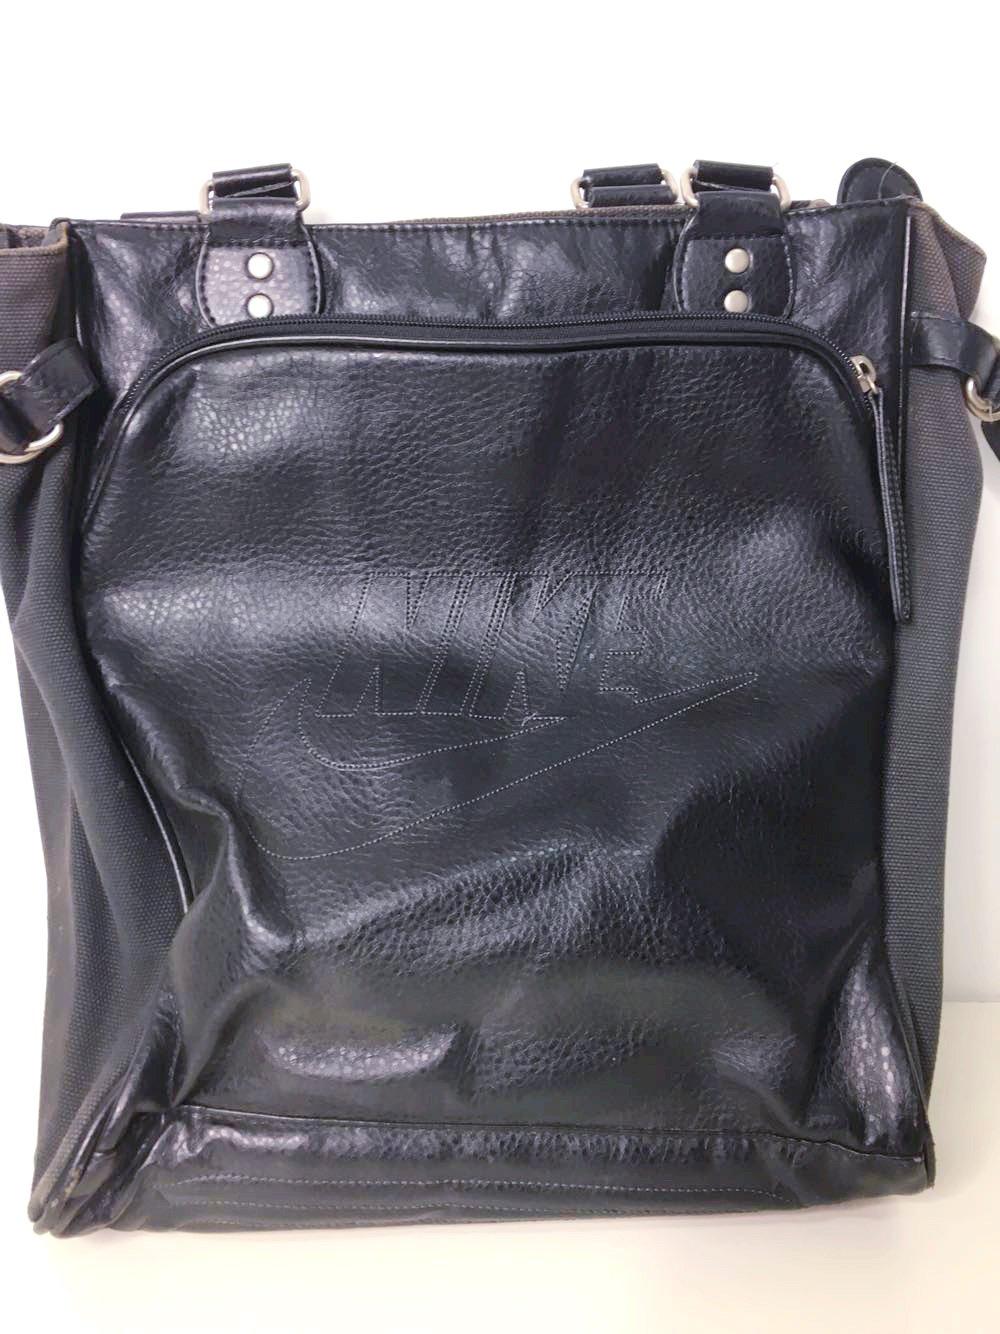 c70d1ab5380d9 torebka NIKE czarna skóra suwaki sportowa torba - 7273626382 ...